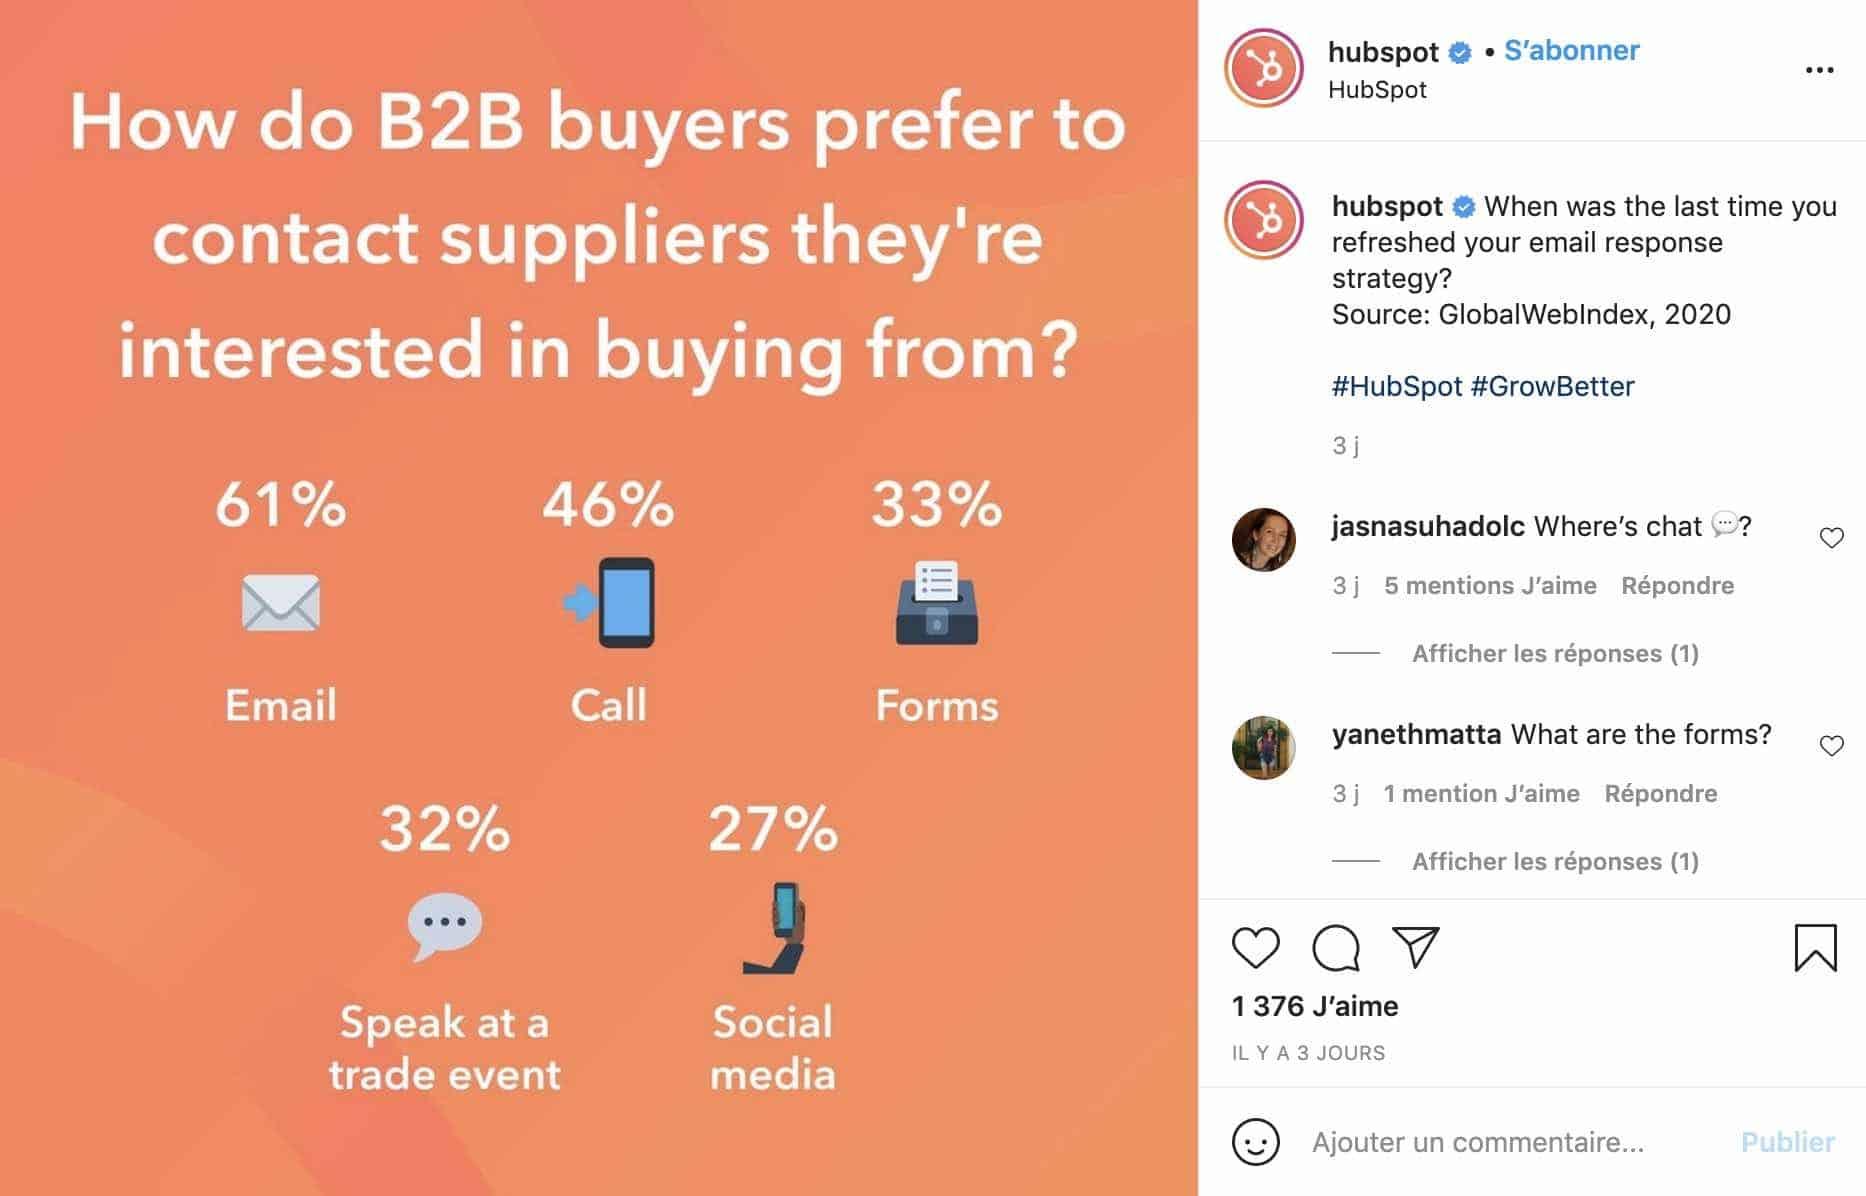 Exemple d'une publication Instagram d'Hubspot qui apporte de la valeur en vue d'agrandir leur communauté Instagram